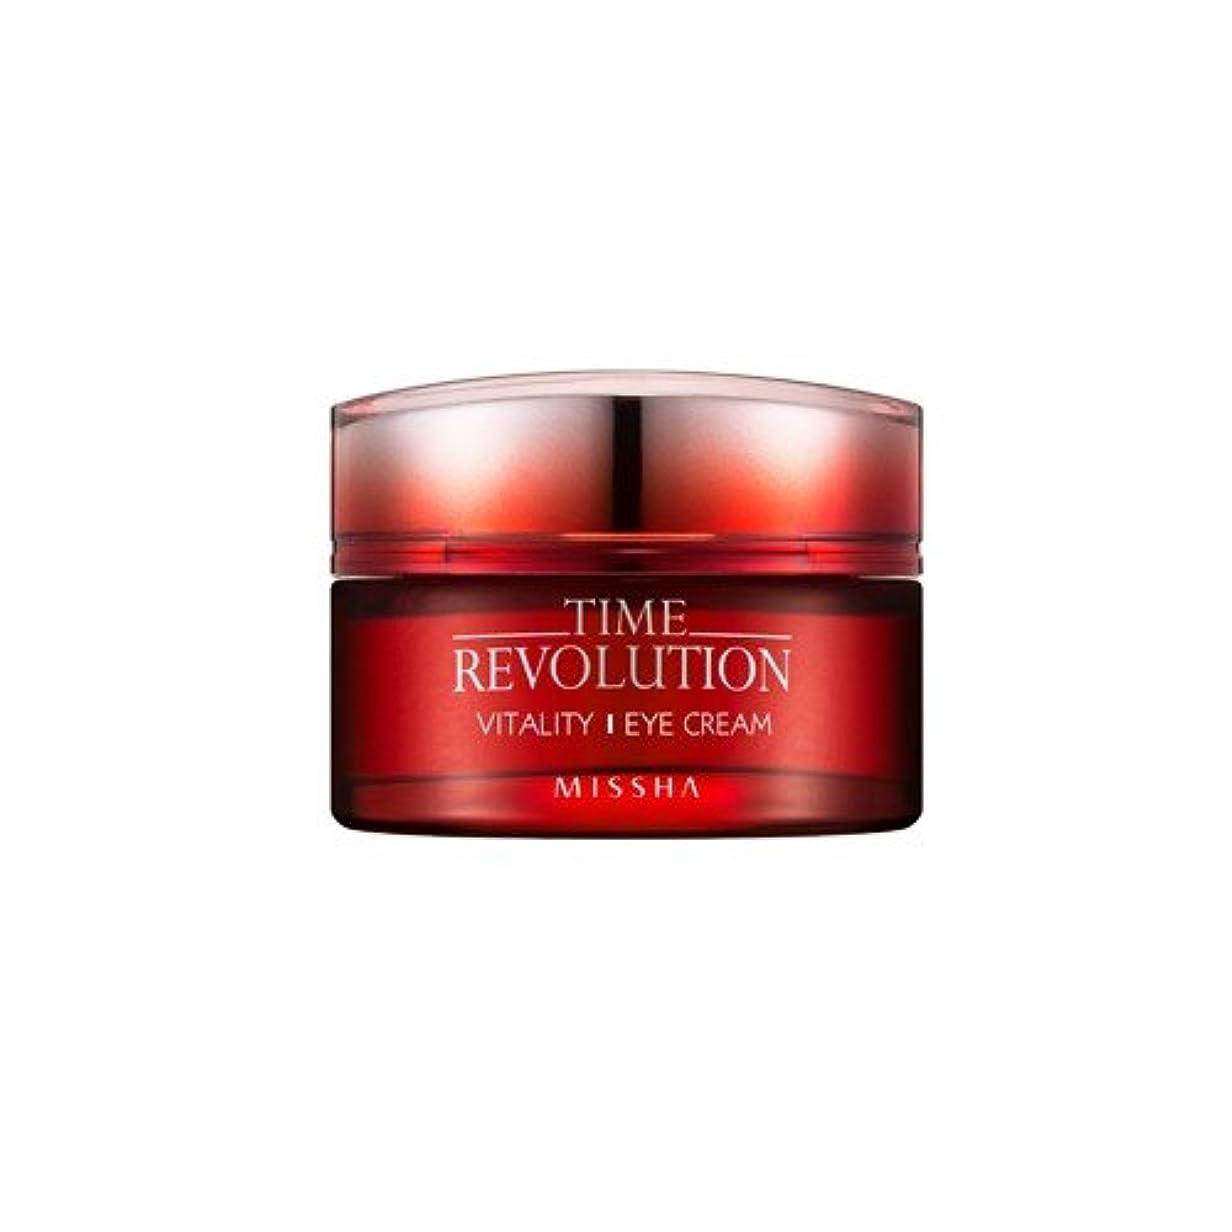 教えてパンサーデッドMISSHA time revolution vitality eye cream (ミシャ タイムレボリューション バイタリティー アイクリーム)25ml